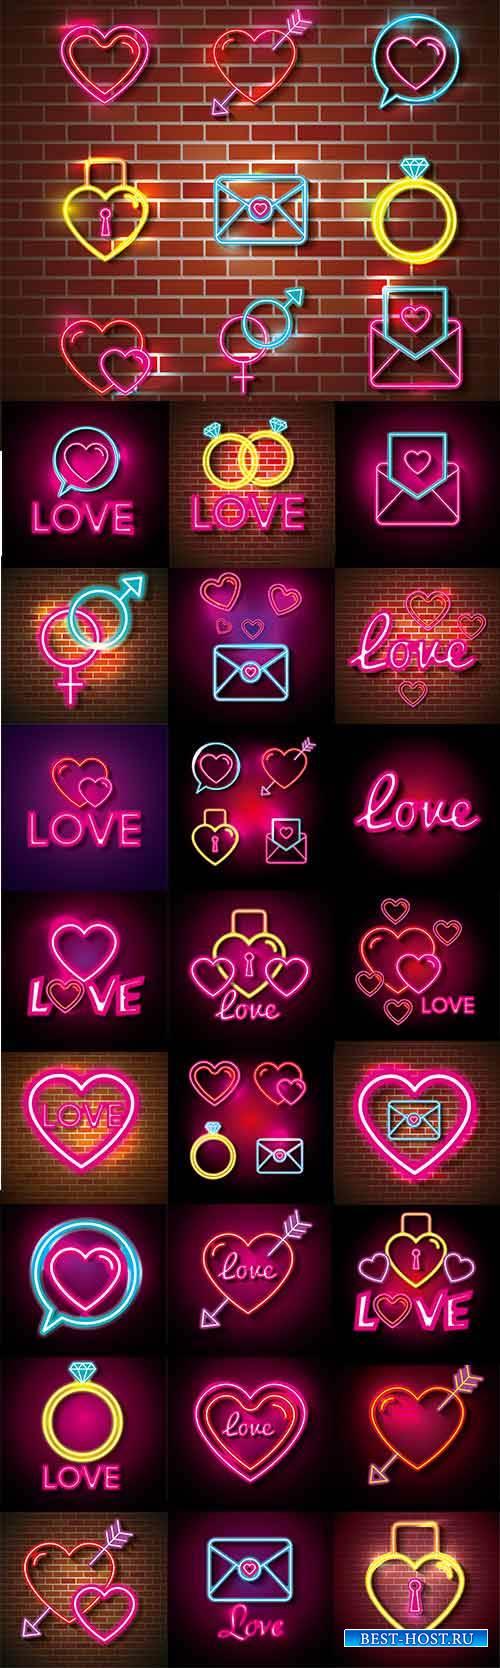 Неоновые иконки для влюблённых в векторе / Neon icons for lovers in vector